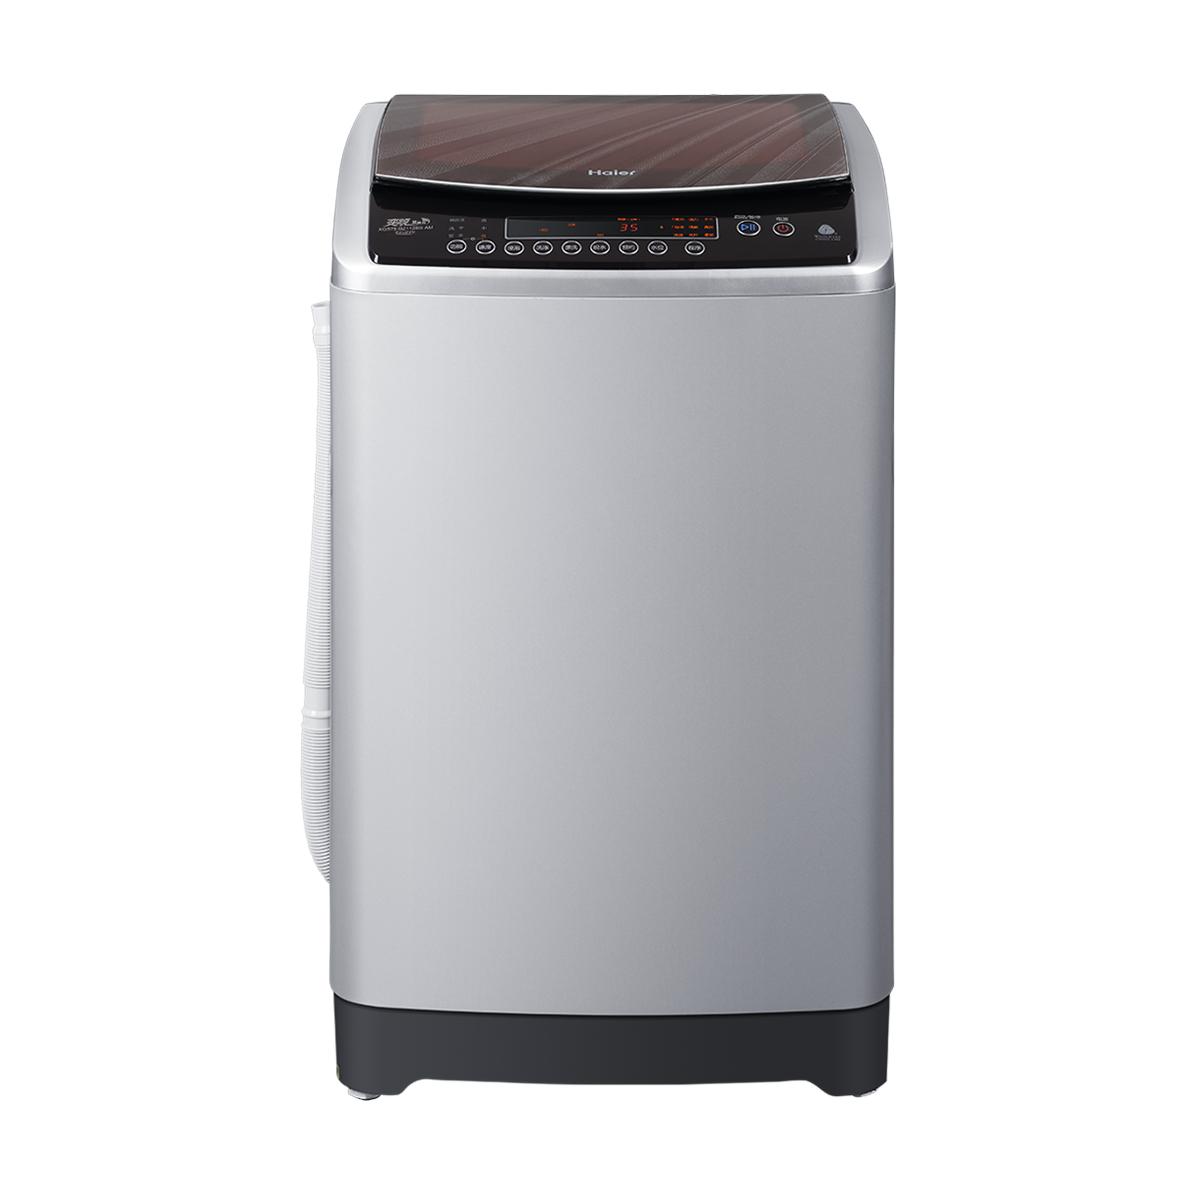 海尔Haier洗衣机 XQS75-BZ1128G(AM) 说明书